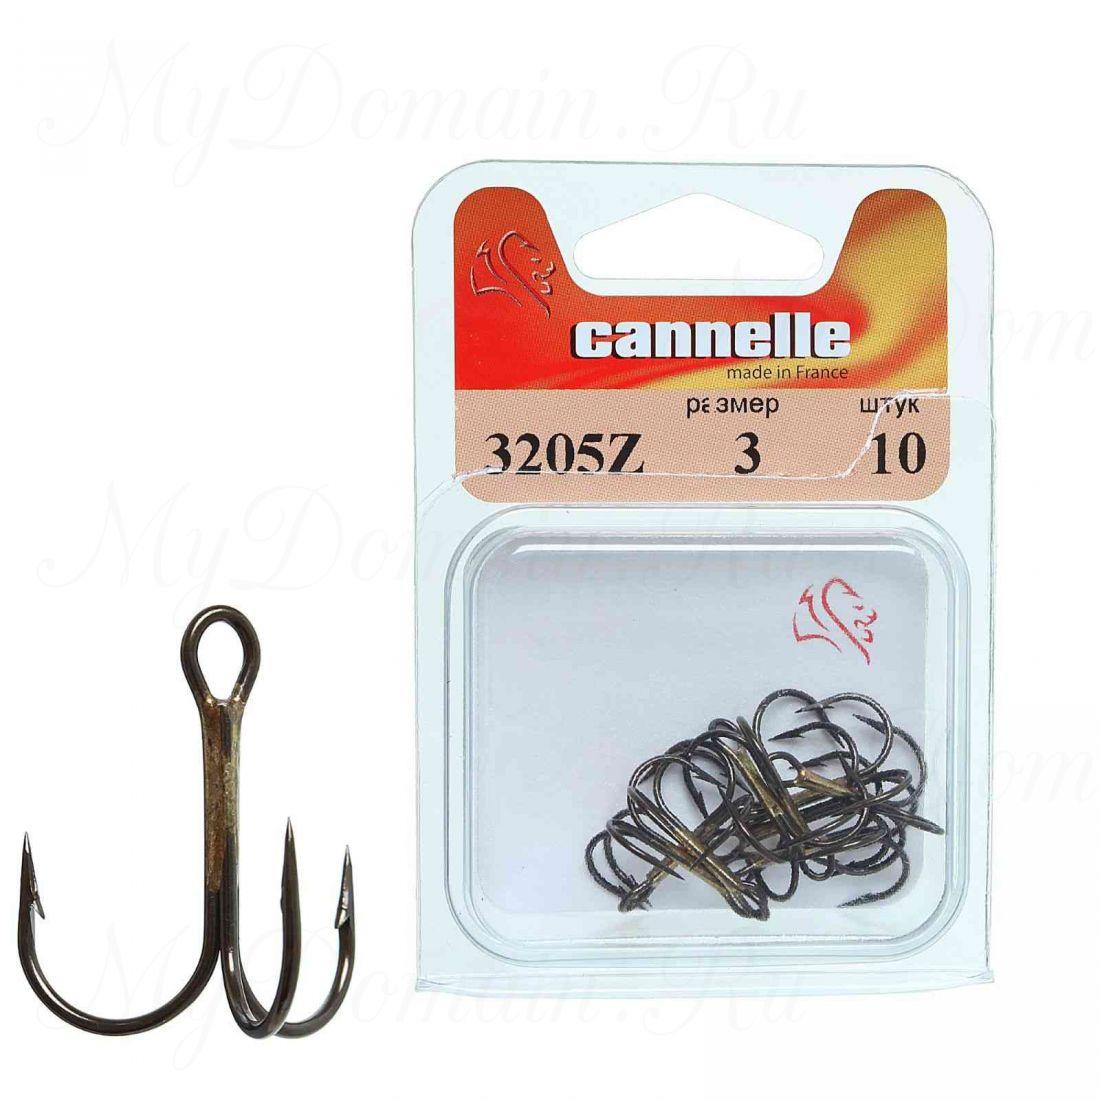 Тройник Cannelle 3205 N № 9 уп. 10 шт. (никель,круглый поддев,стандартный тройник,средняя проволка)